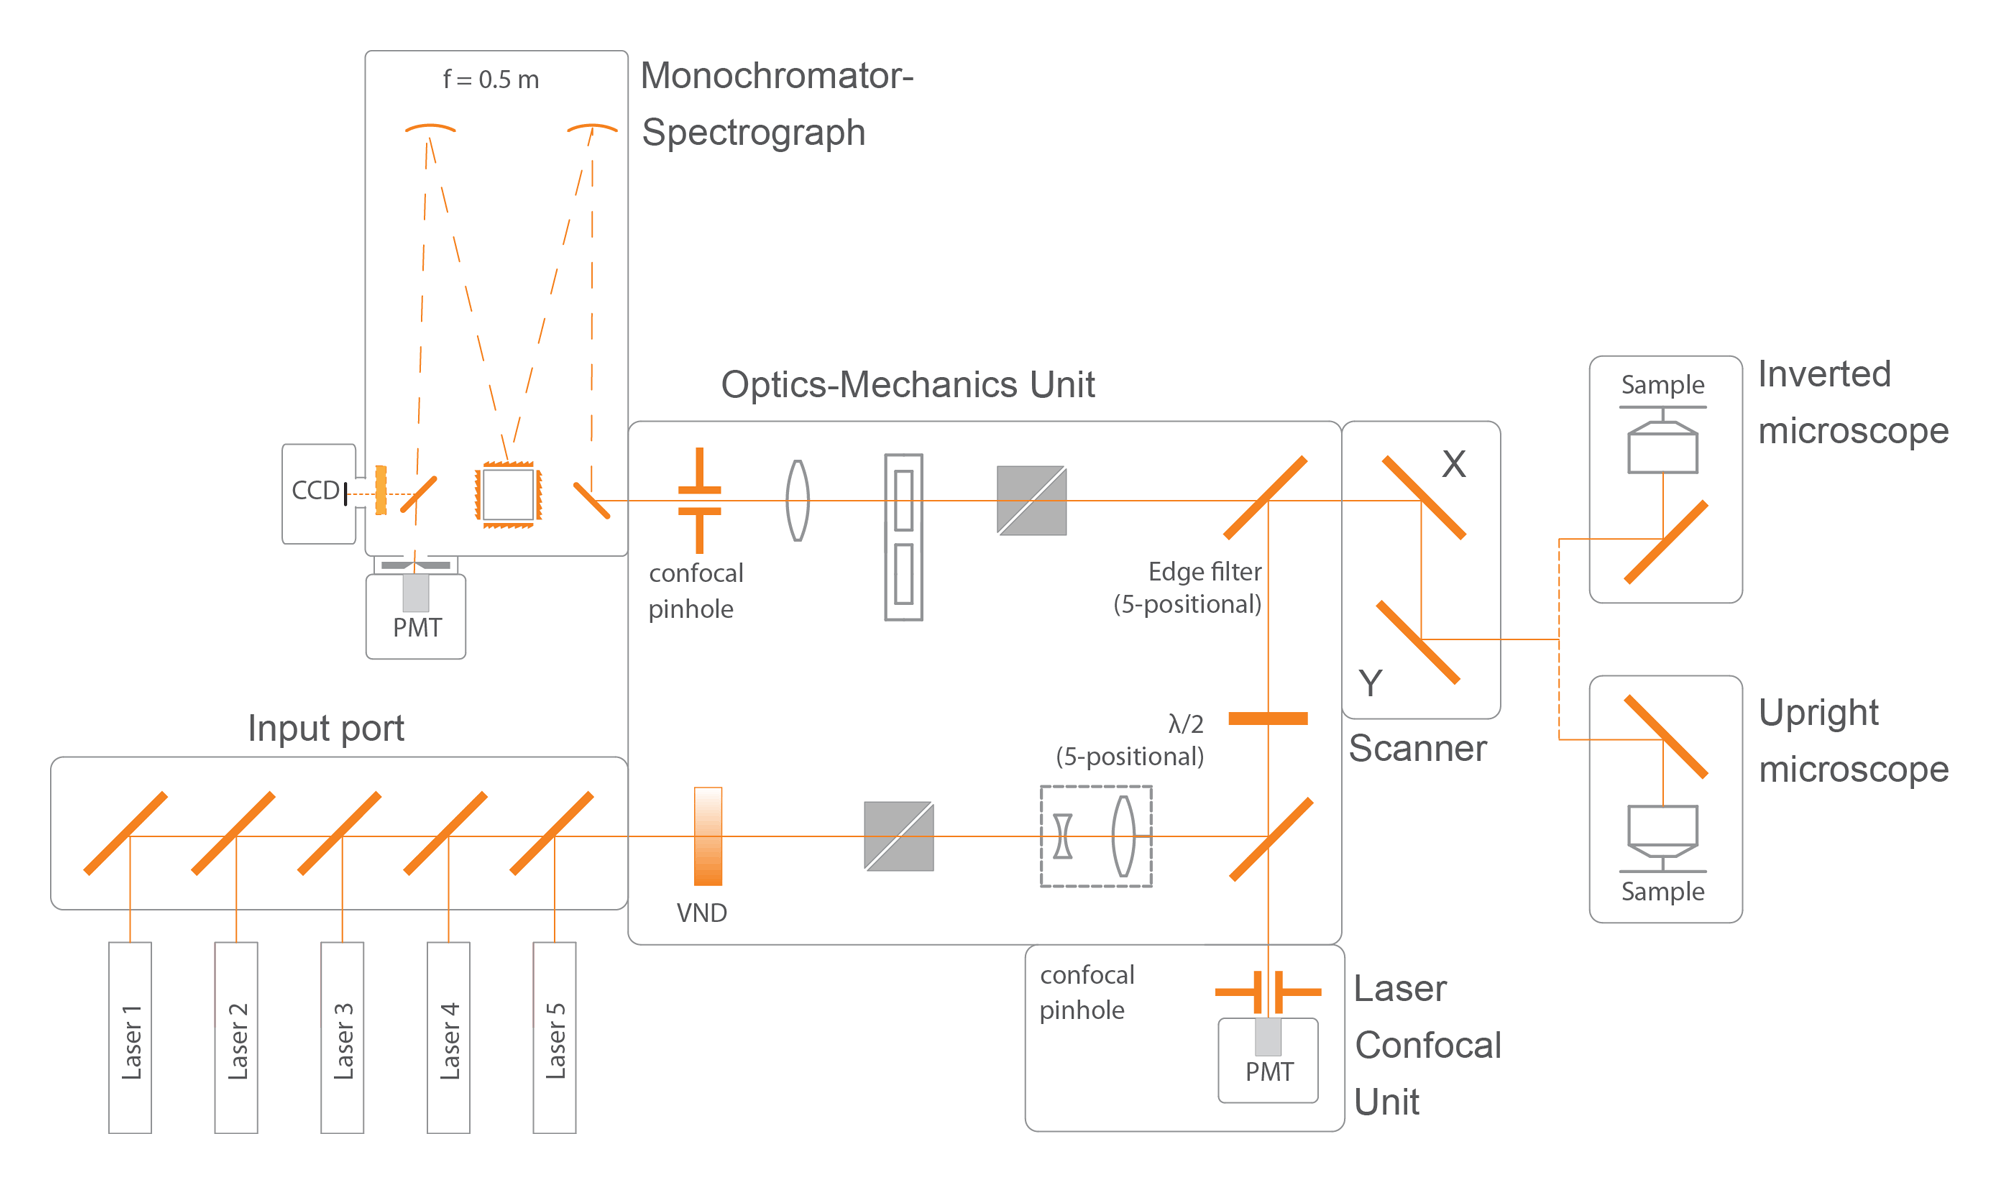 Микроскоп Confotec-NR500: модули системы